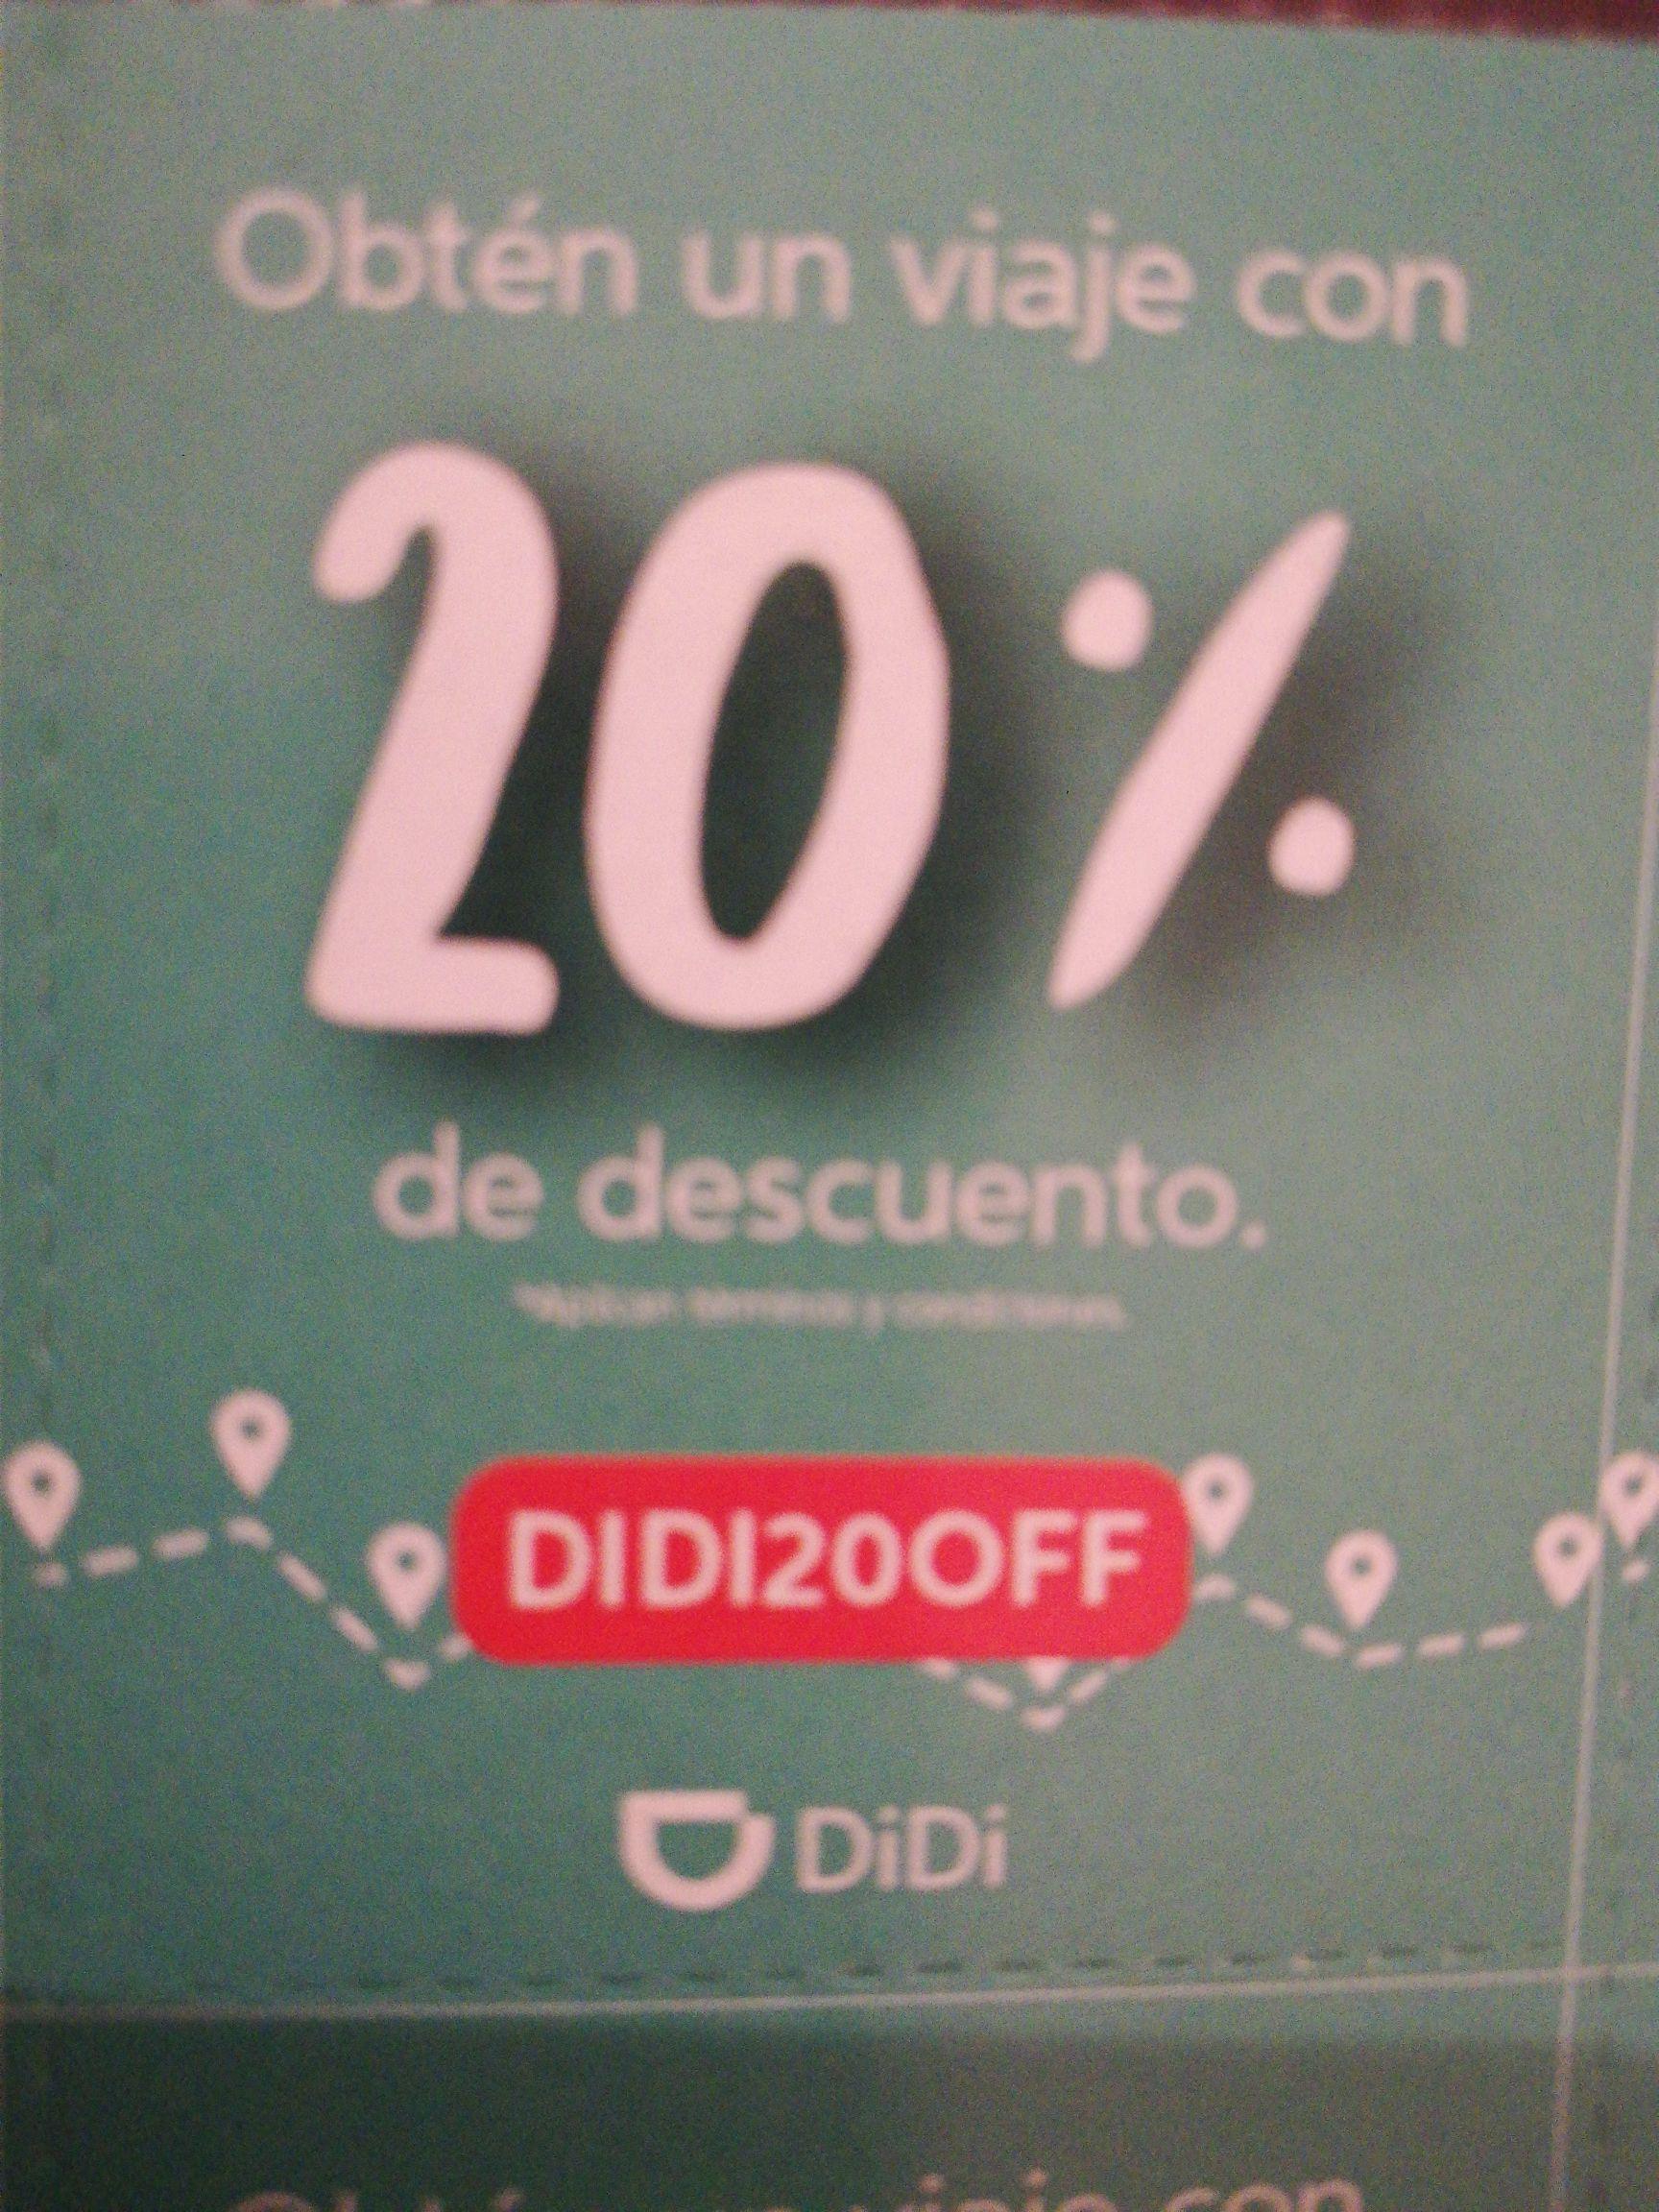 Didi CDMX: 20% de descuento